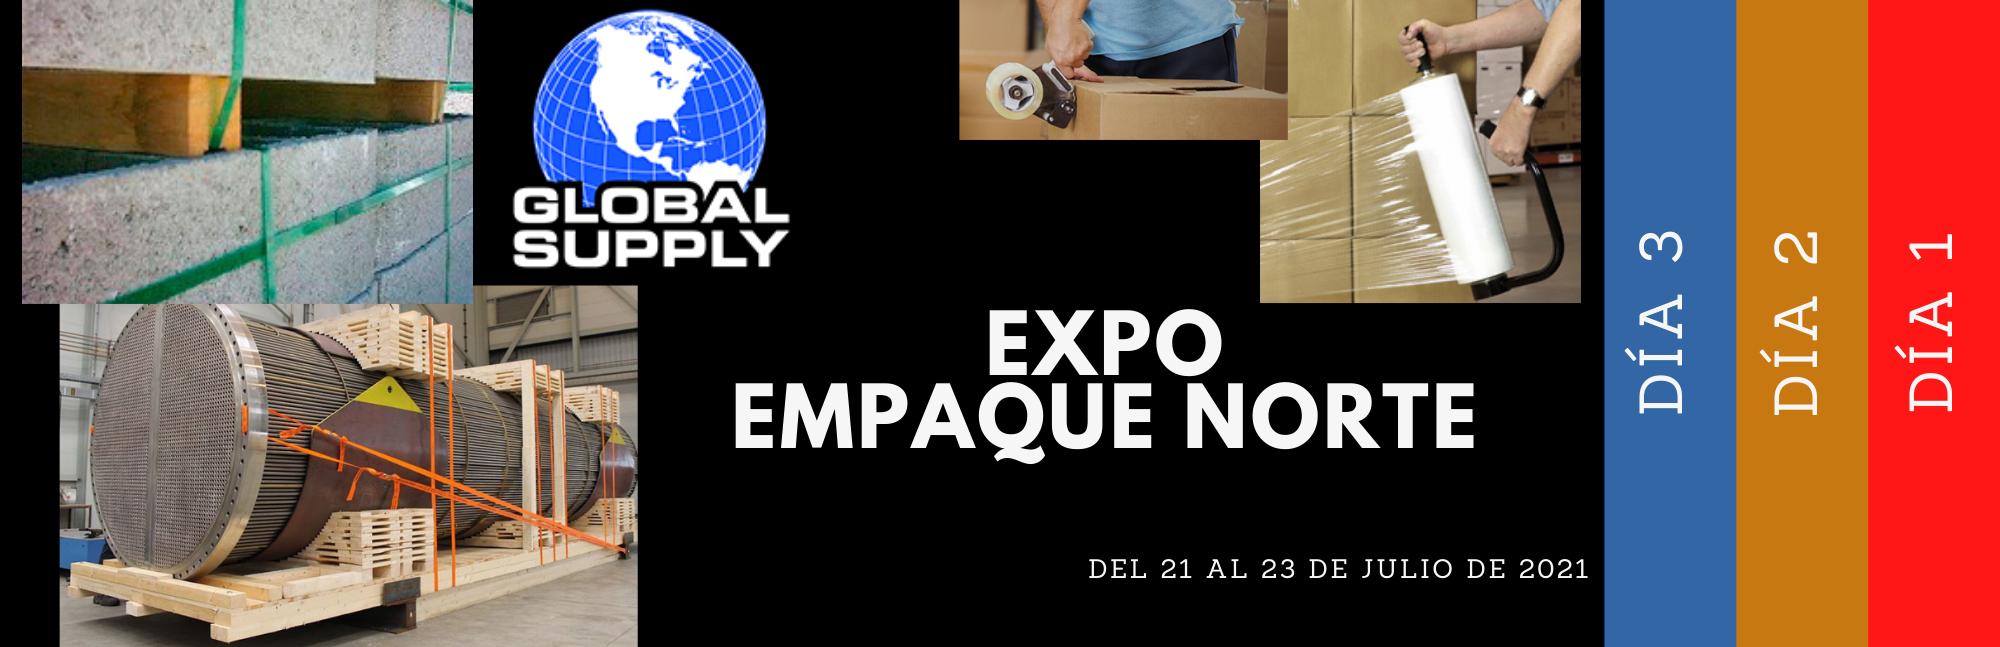 Pre-Registro Expo Empaque Norte 2021